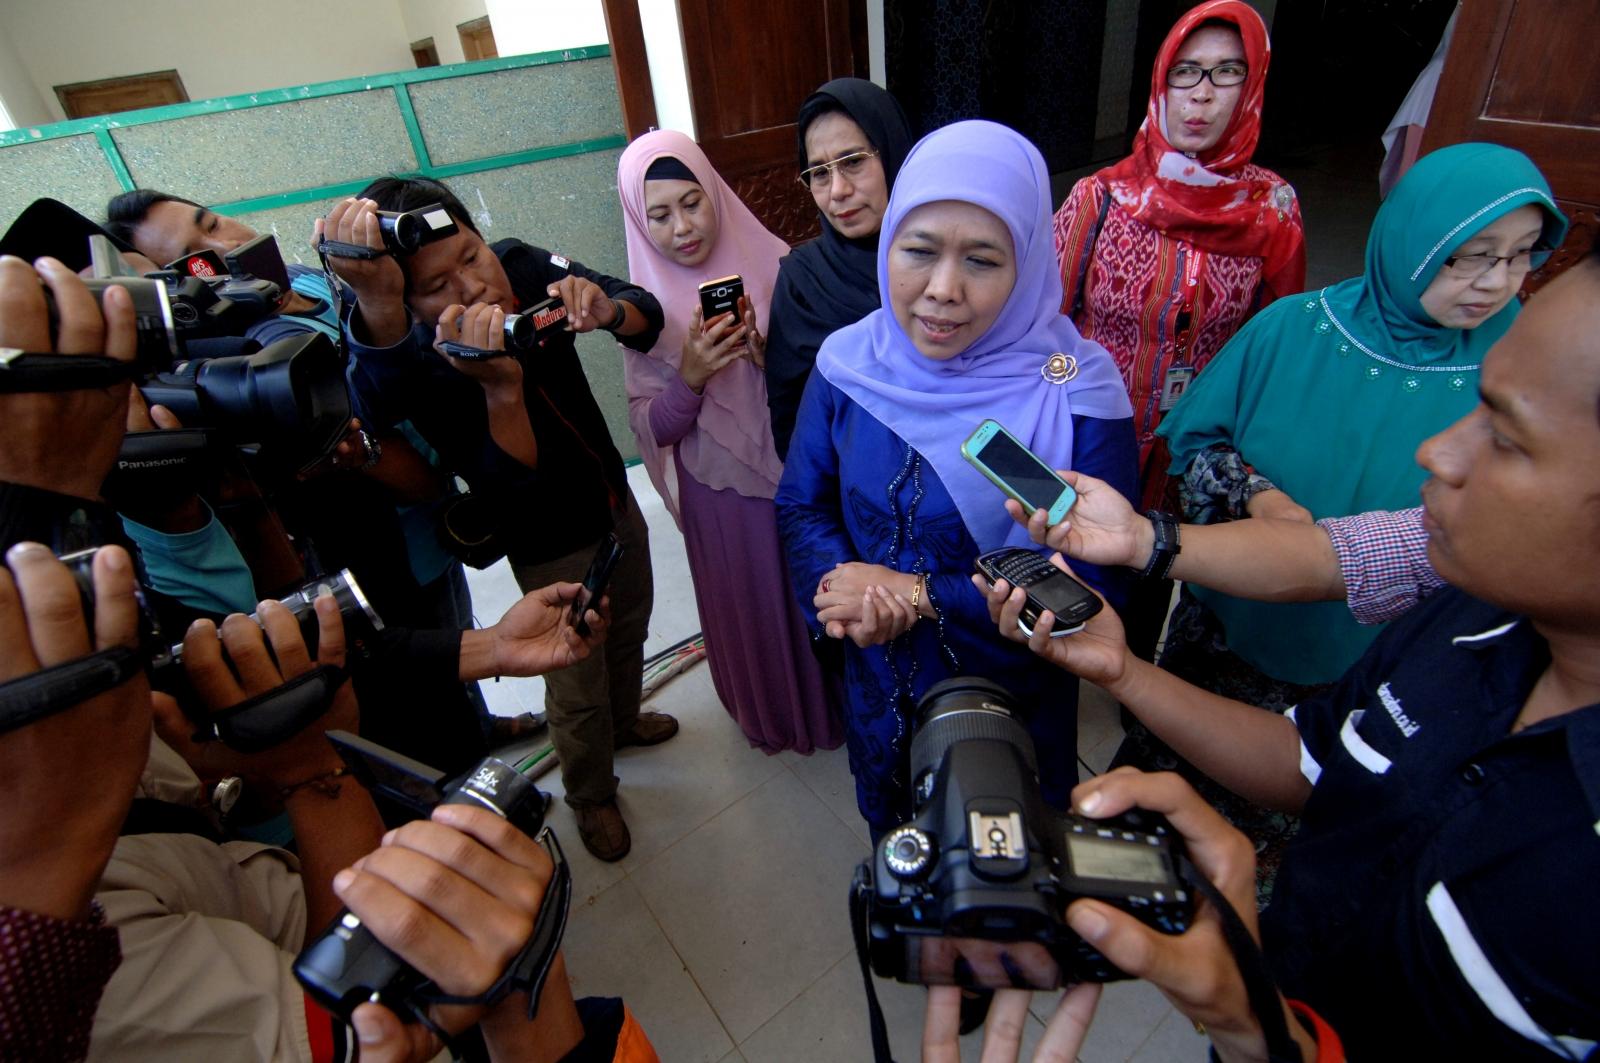 Indonesian social affairs minister Khofifah Indar Parawansa